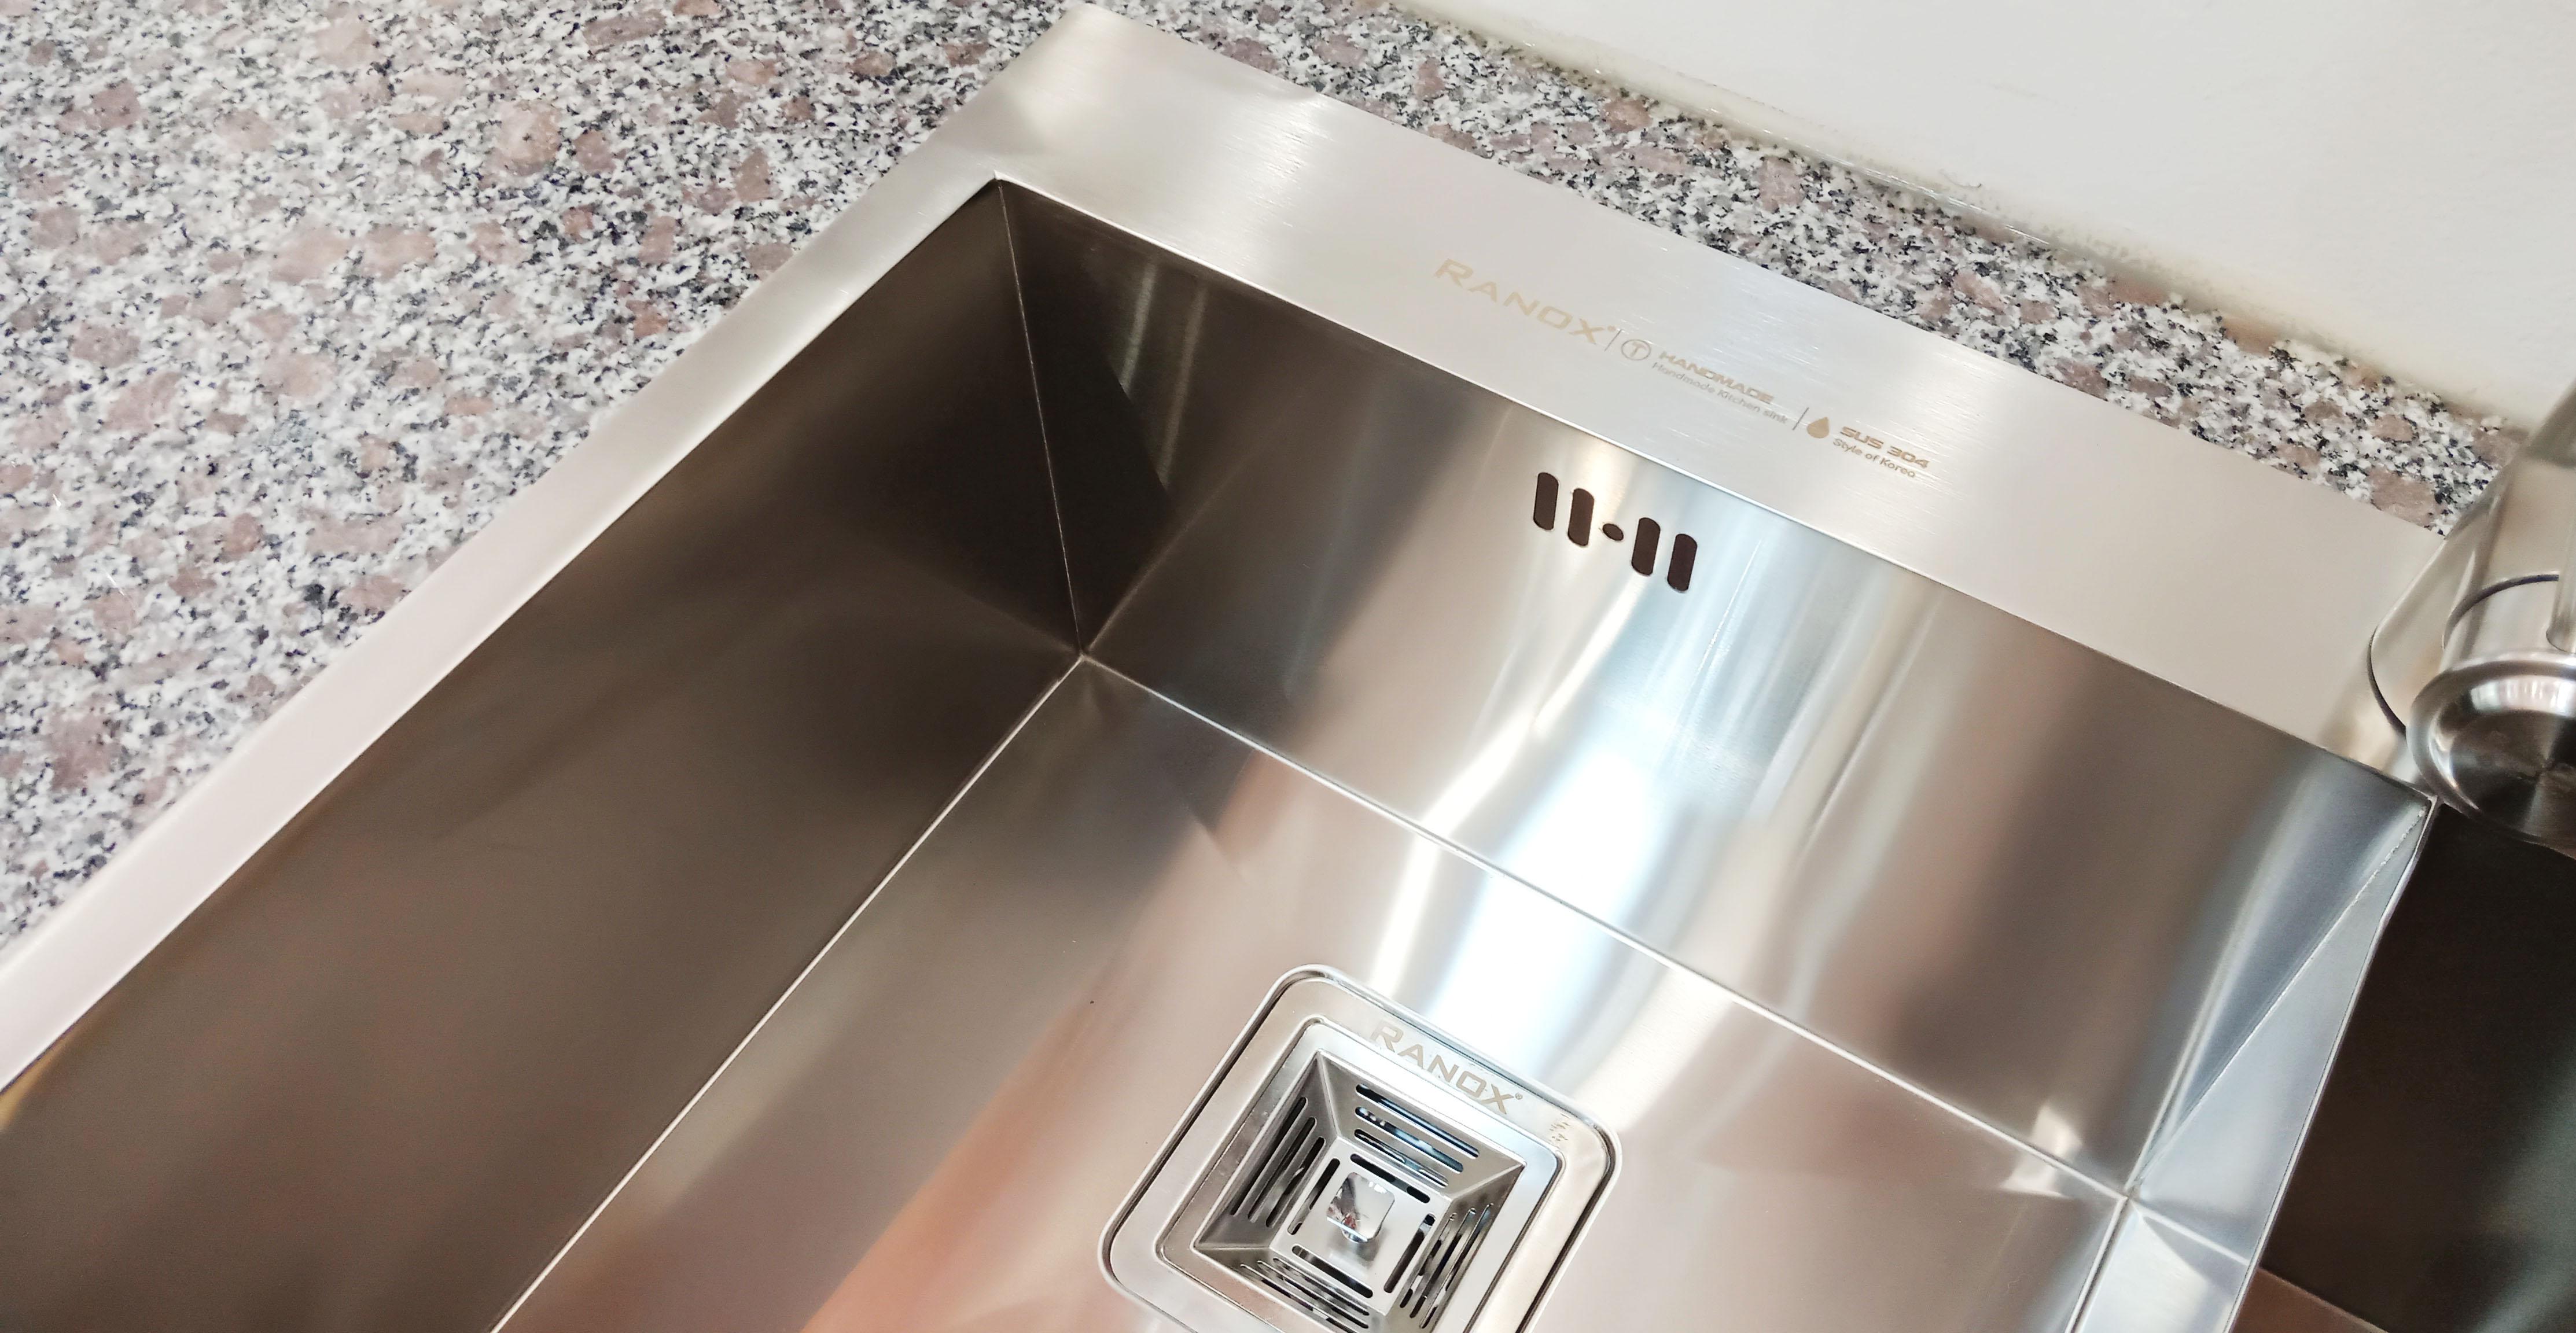 Bồn rửa bát inox Hàn Quốc vòi bát 3 đường nước RN44662